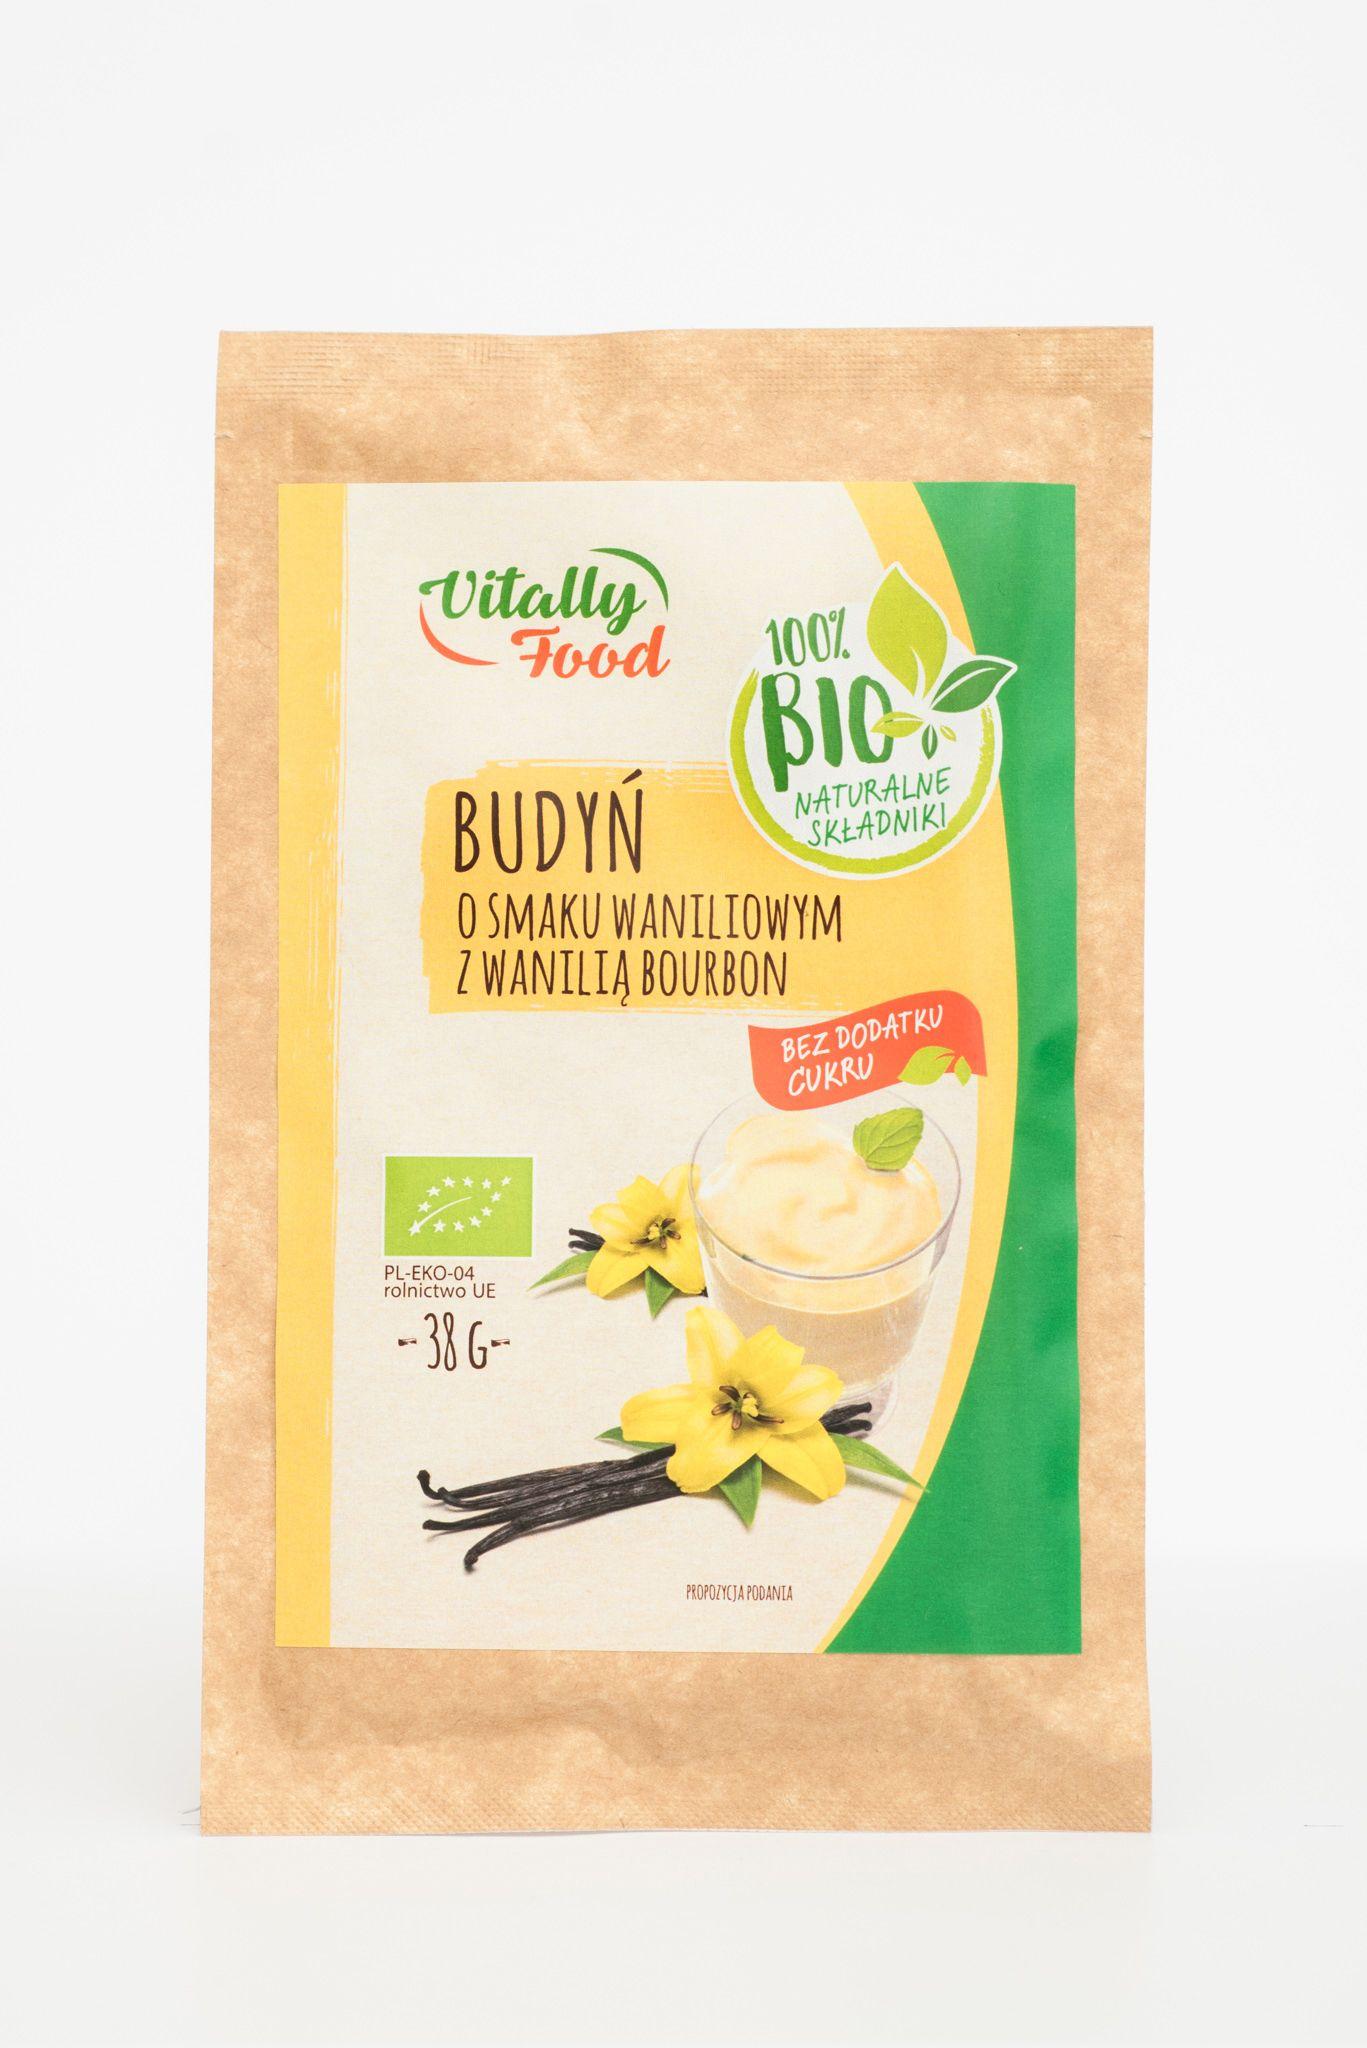 BIO Budyń smak wanilia z wanilią Bourbon 38g Vitally Food